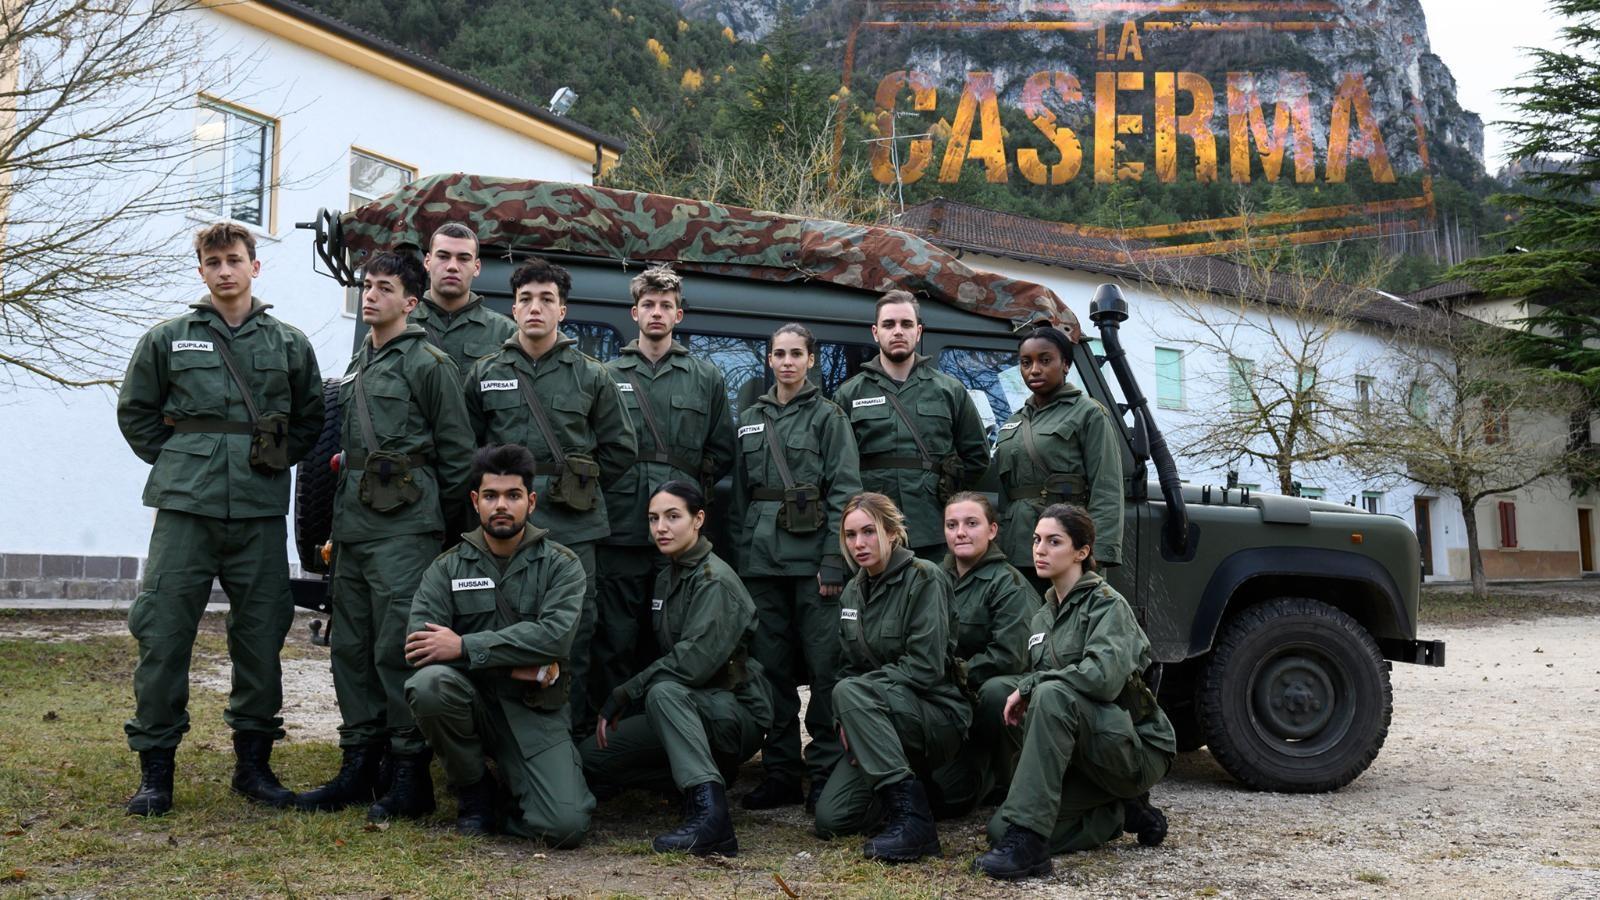 La Caserma: cast del reality e anticipazioni di stasera 27/1 su Rai 2